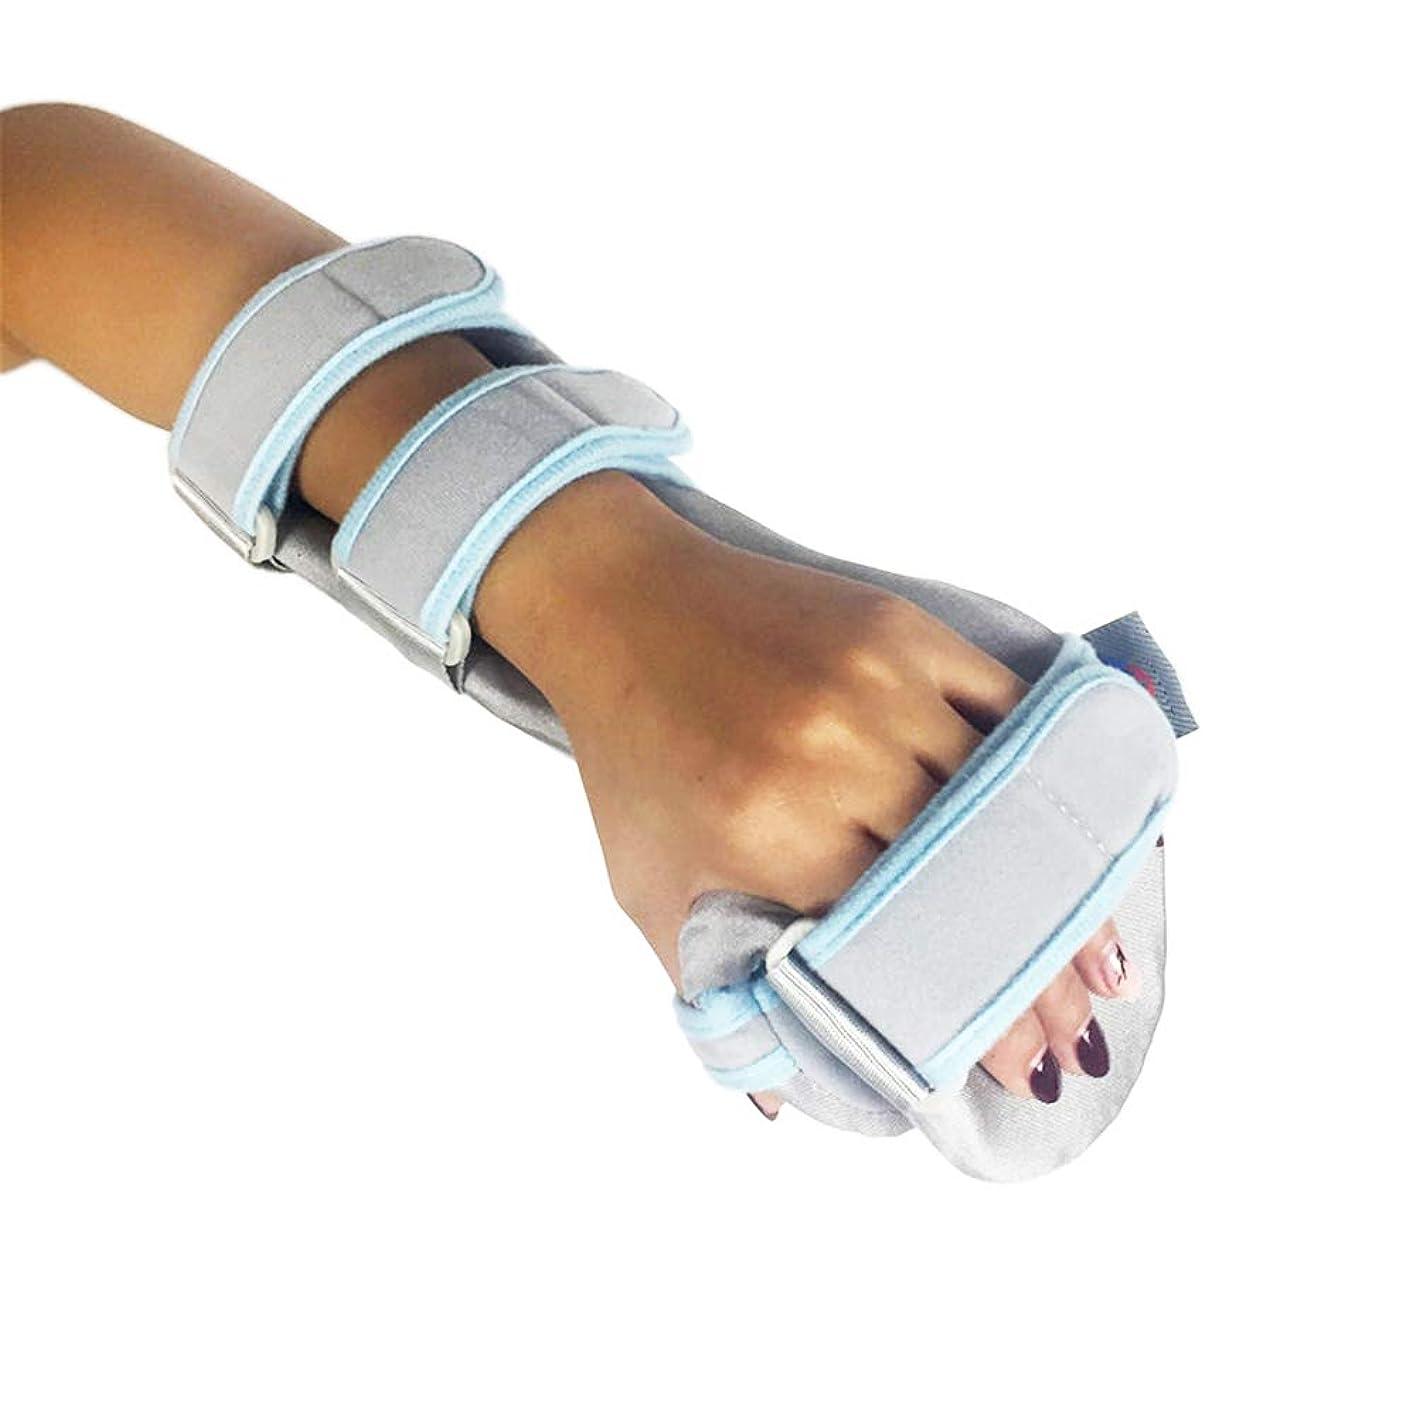 設計受信機申請中HEALIFTY 指スプリントフィンガー手首骨折固定足場用腱腱炎腱炎骨折関節炎転位(右手)